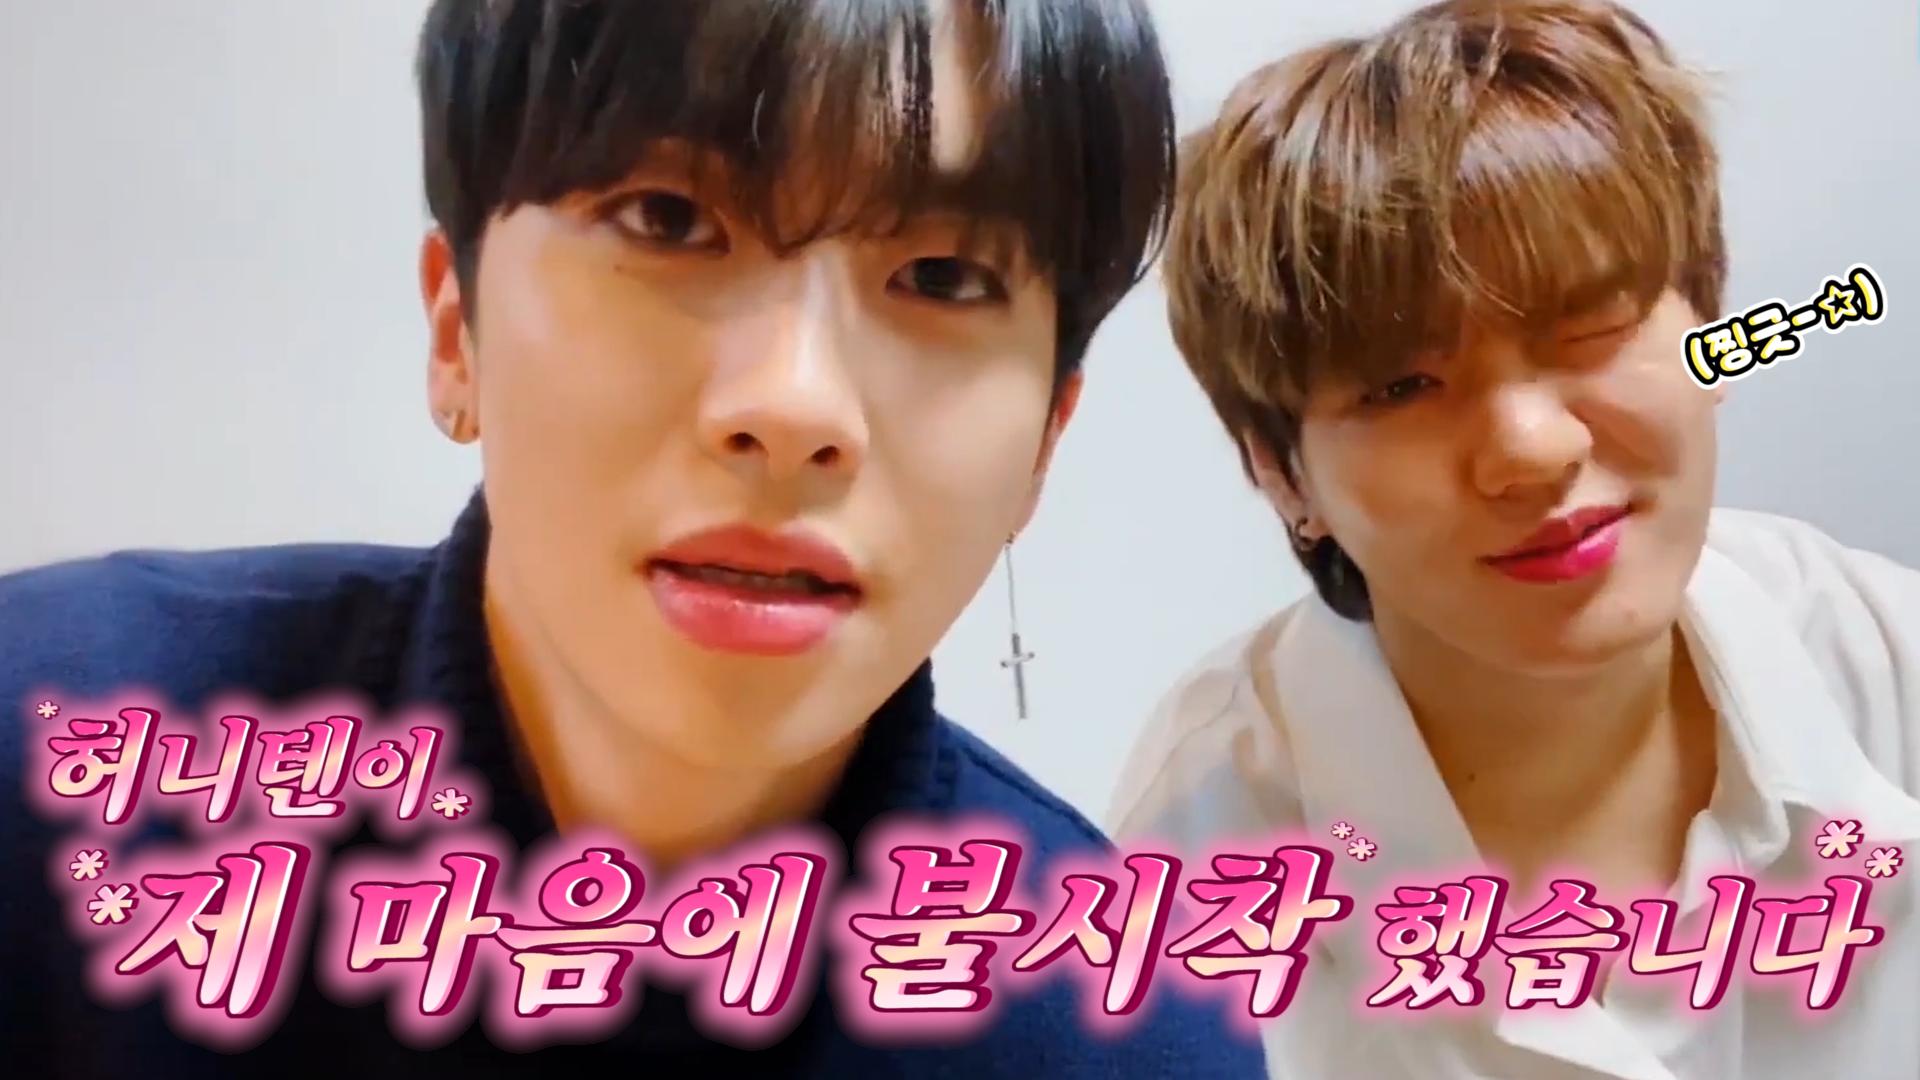 [UP10TION] 내 마음에 불시착한 환샤.. 허니텐 꽃이 피는 곳에서 평생 기다려💛 (Hwanhee&Xiao talking about Crash Landing on You)